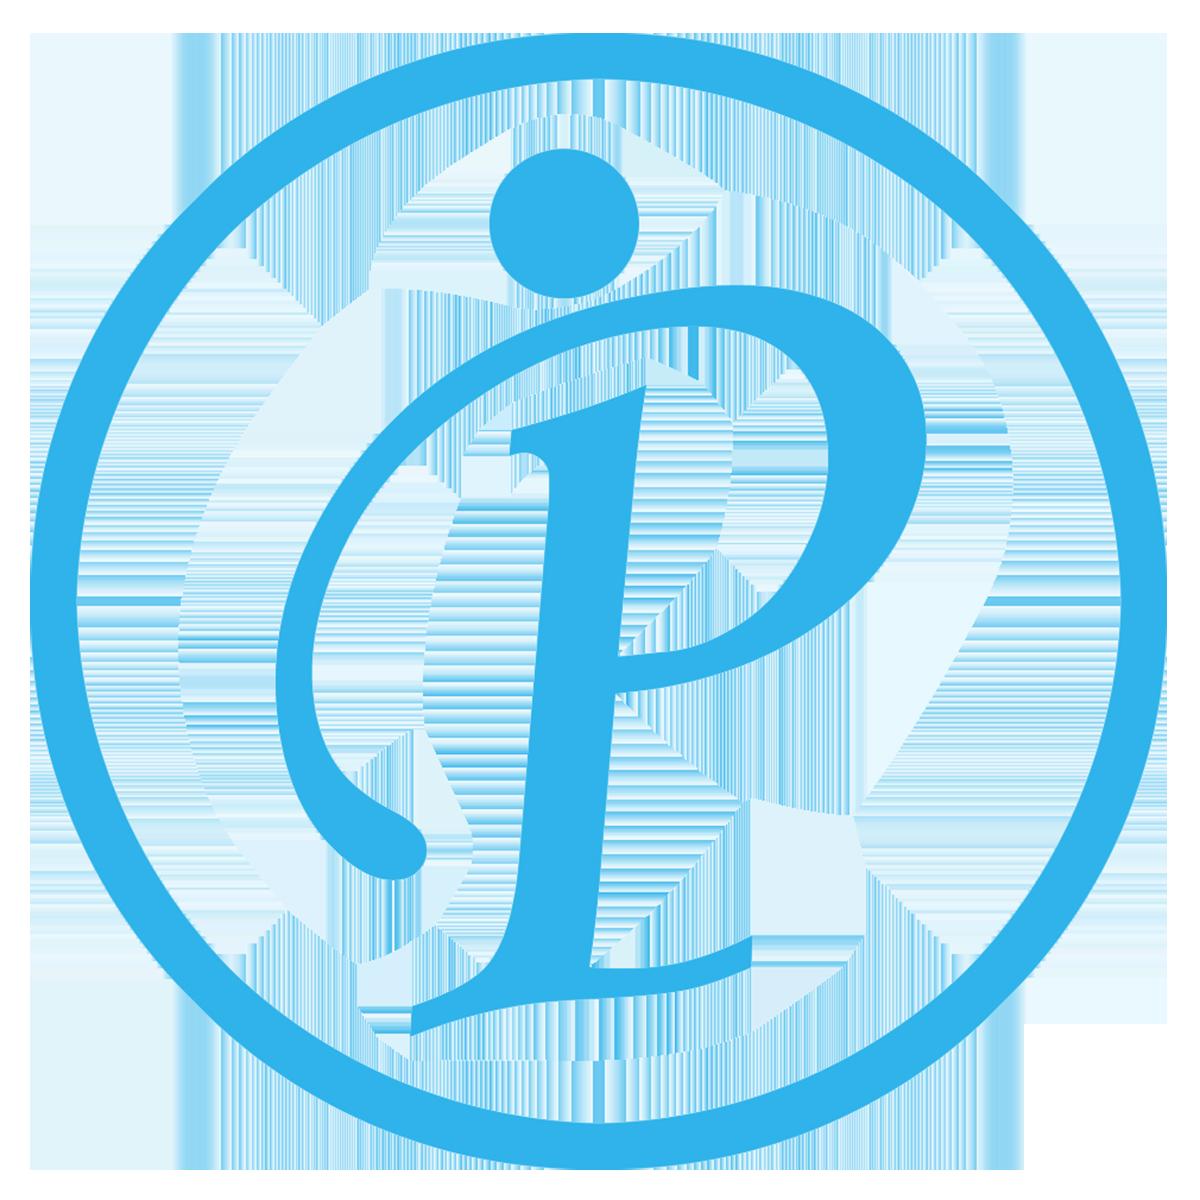 Photastic Images, LLC